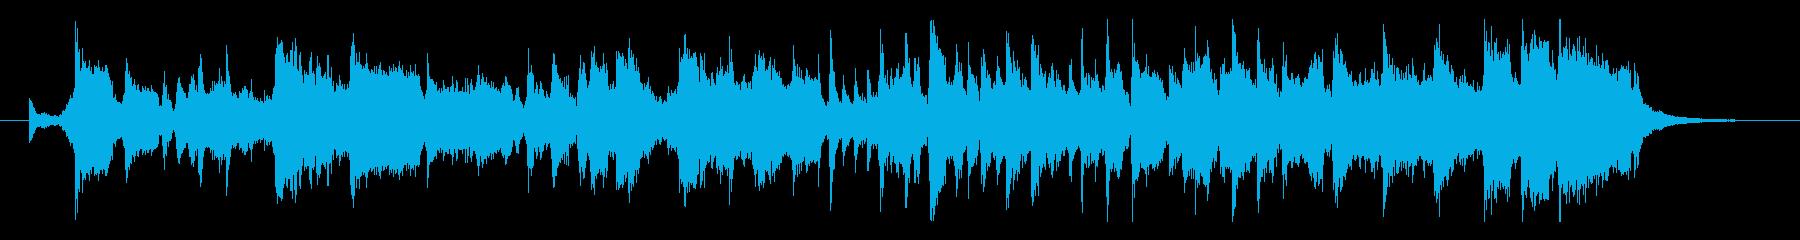 ソウル風に「チャンネル登録よろしくね!」の再生済みの波形